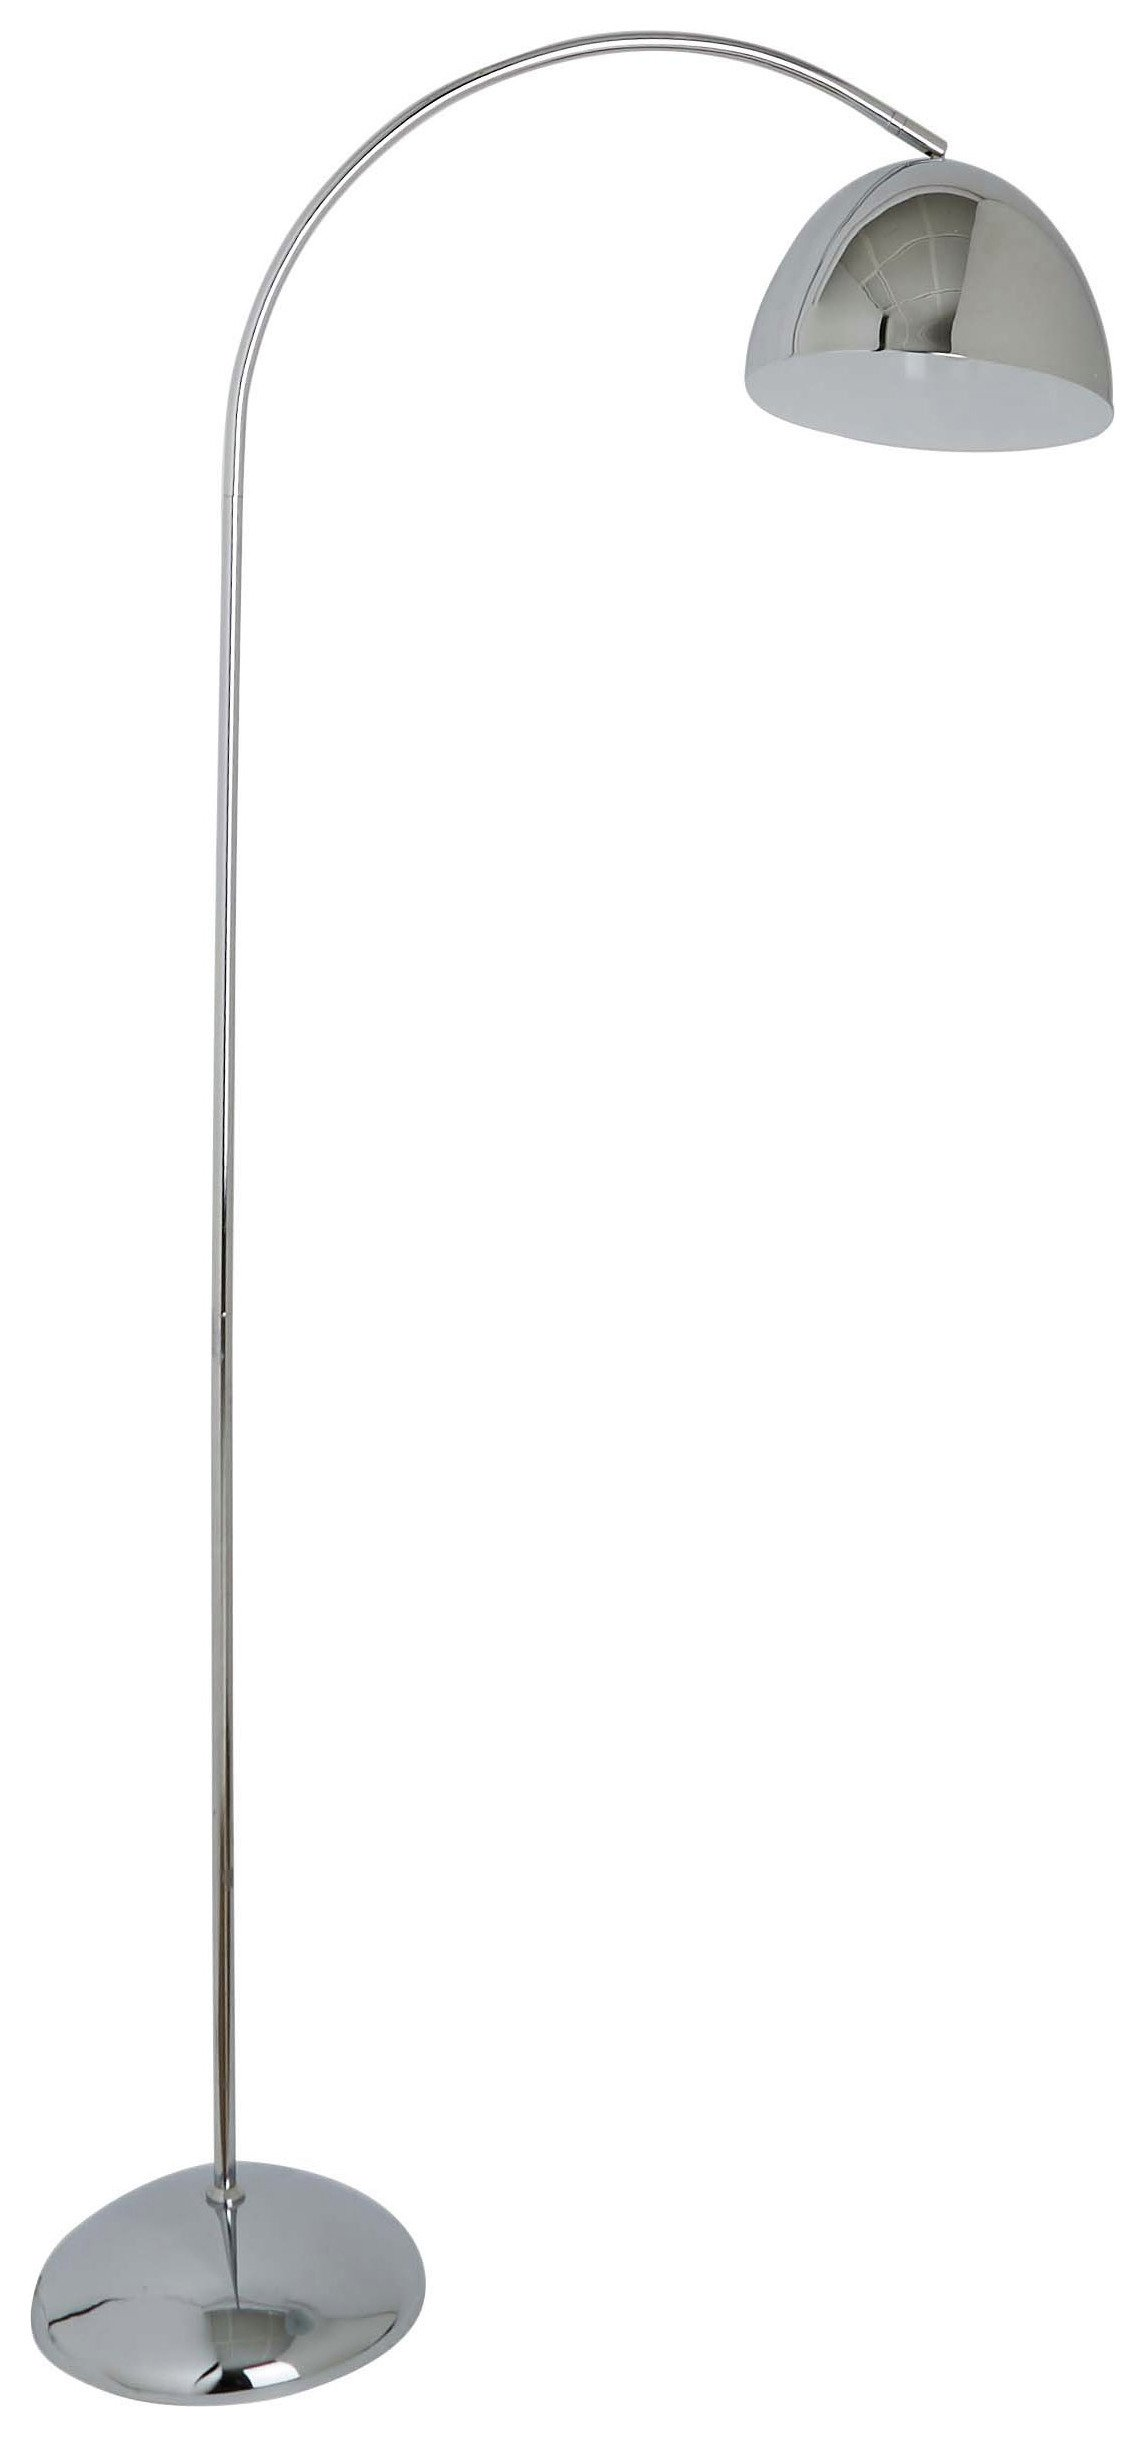 Chrome floor lamps cheapest lighting uk for Habitat chrome floor lamp